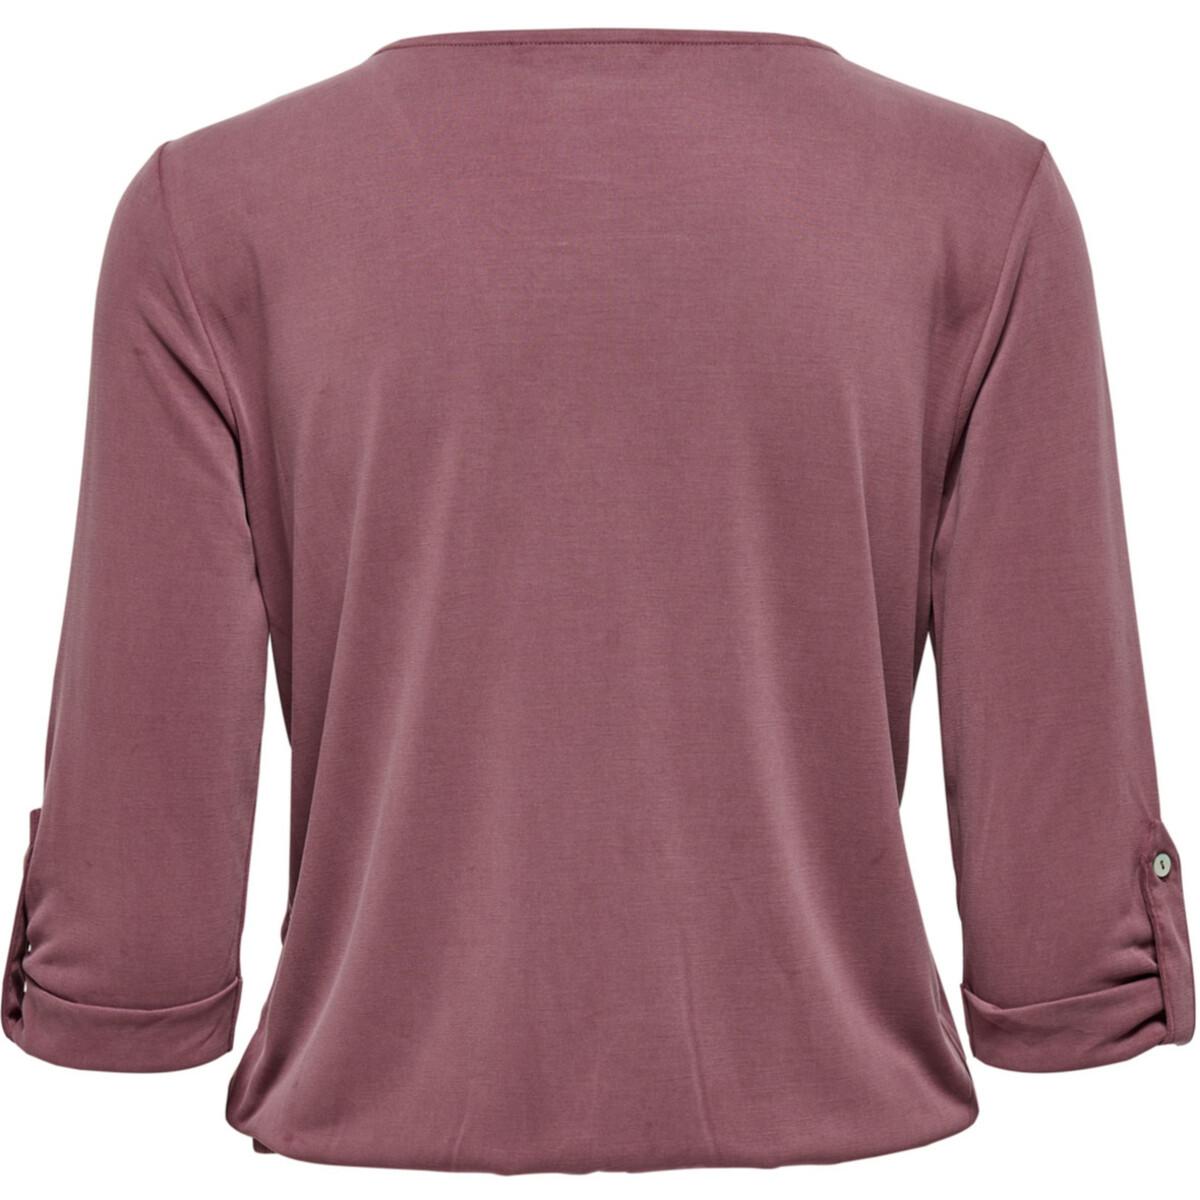 Bild 2 von Only ONLFIA 3/4 TOP JRS Shirt mit 3/4 Ärmel